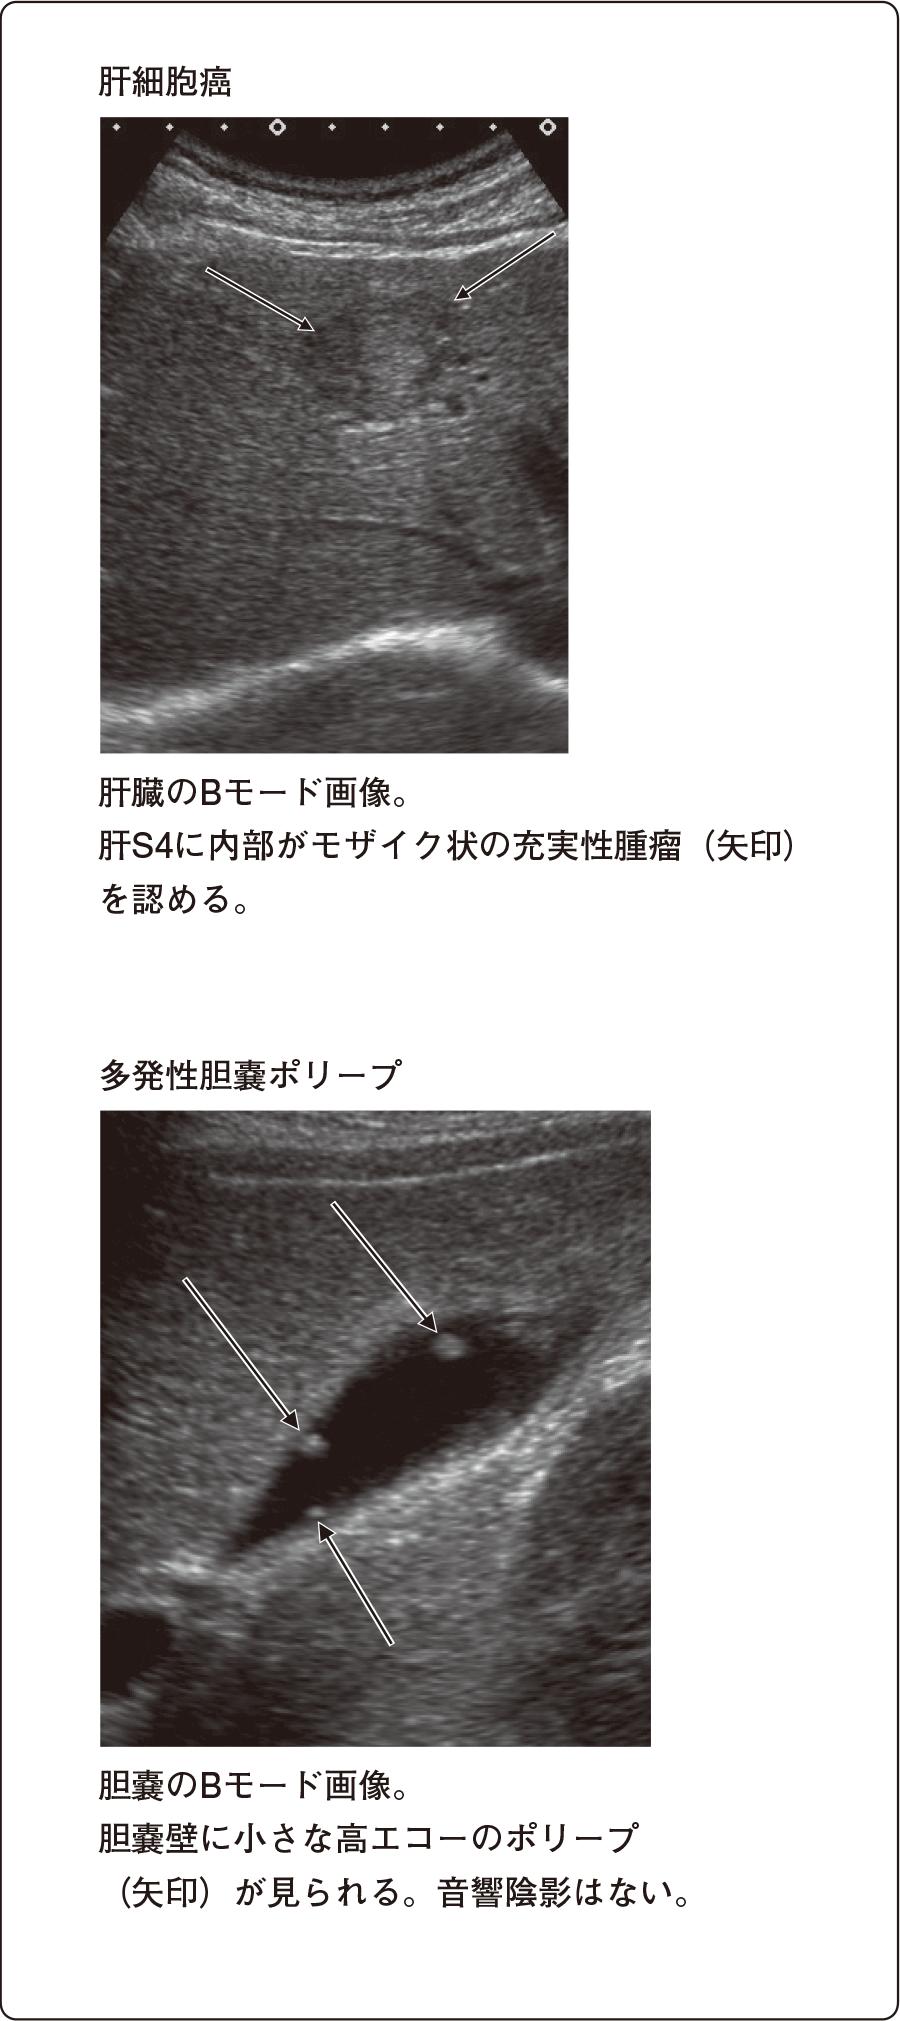 腹部超音波検査所見